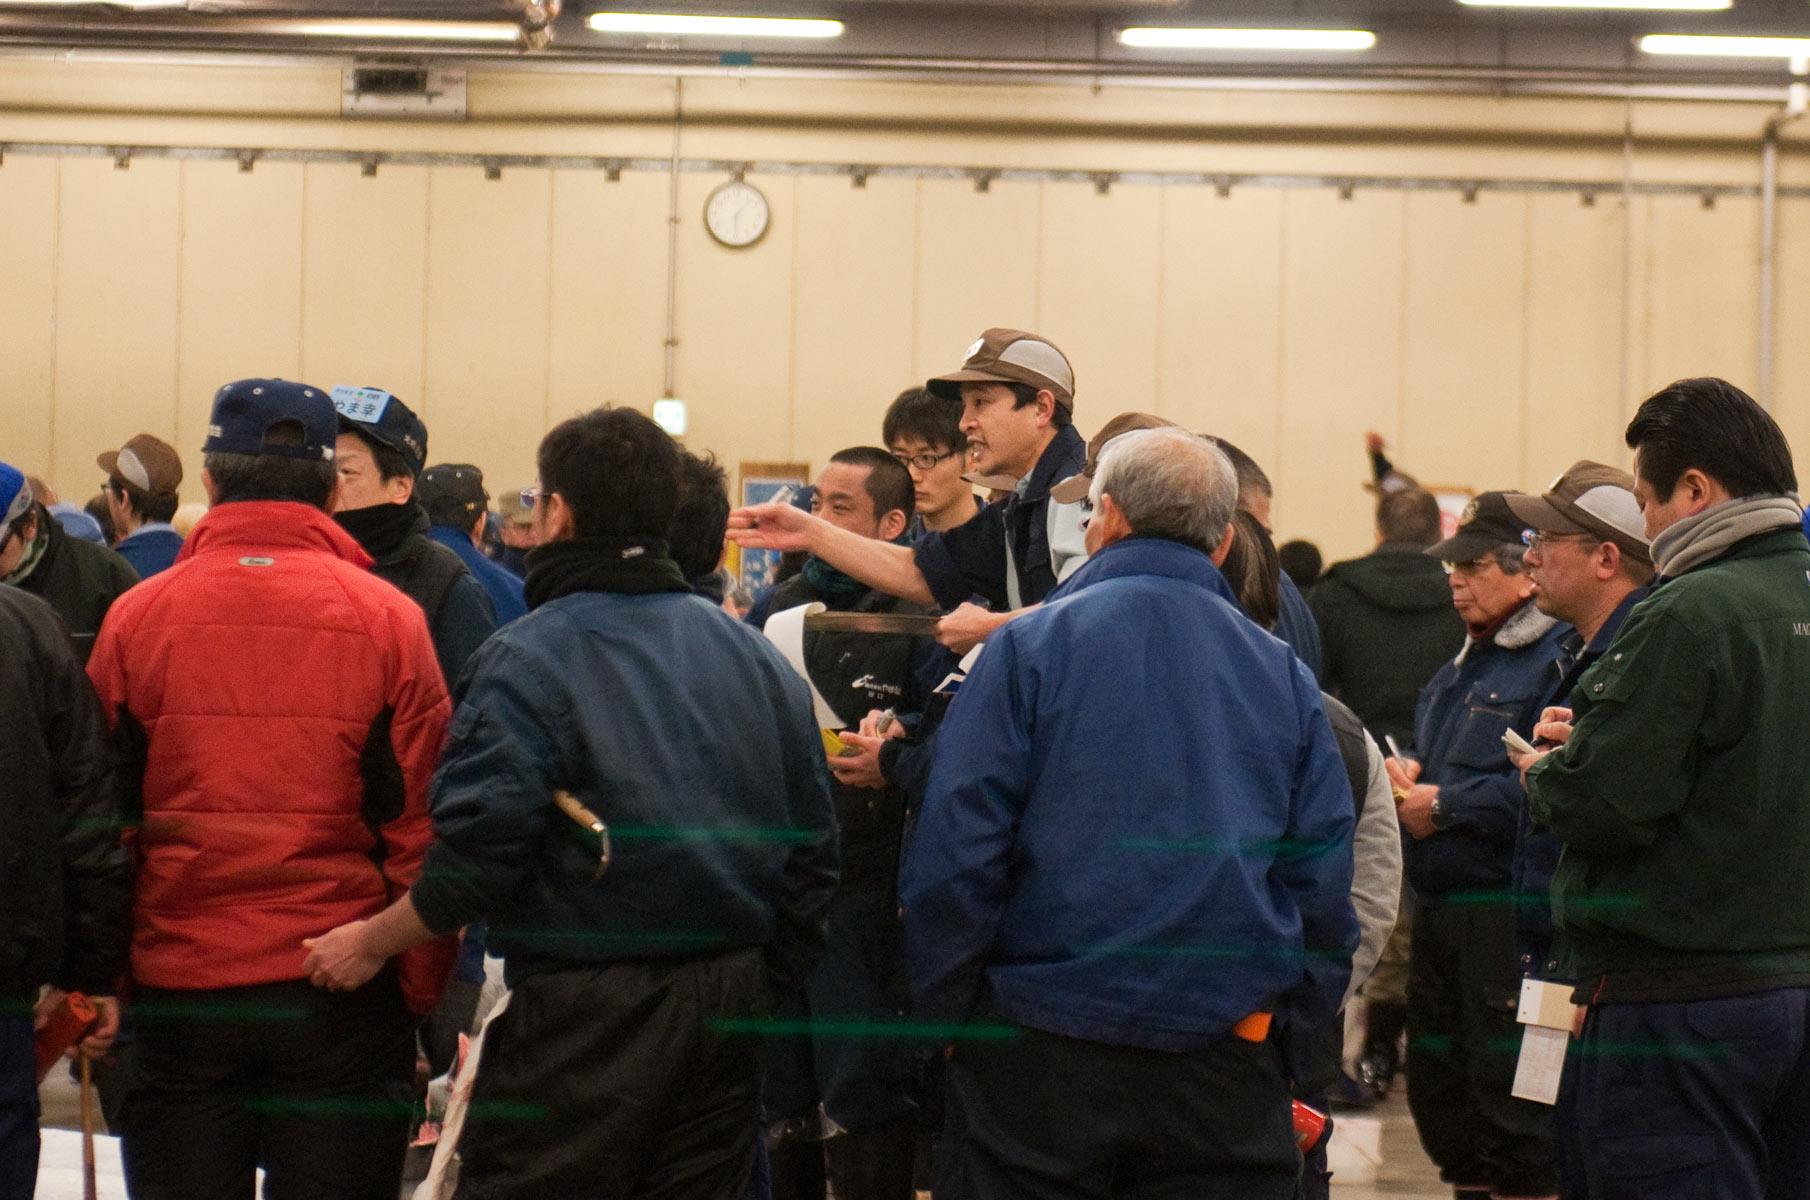 Einkäufer und Auktionator auf dem Tsukiji Fischmarkt in Tokyo, Japan